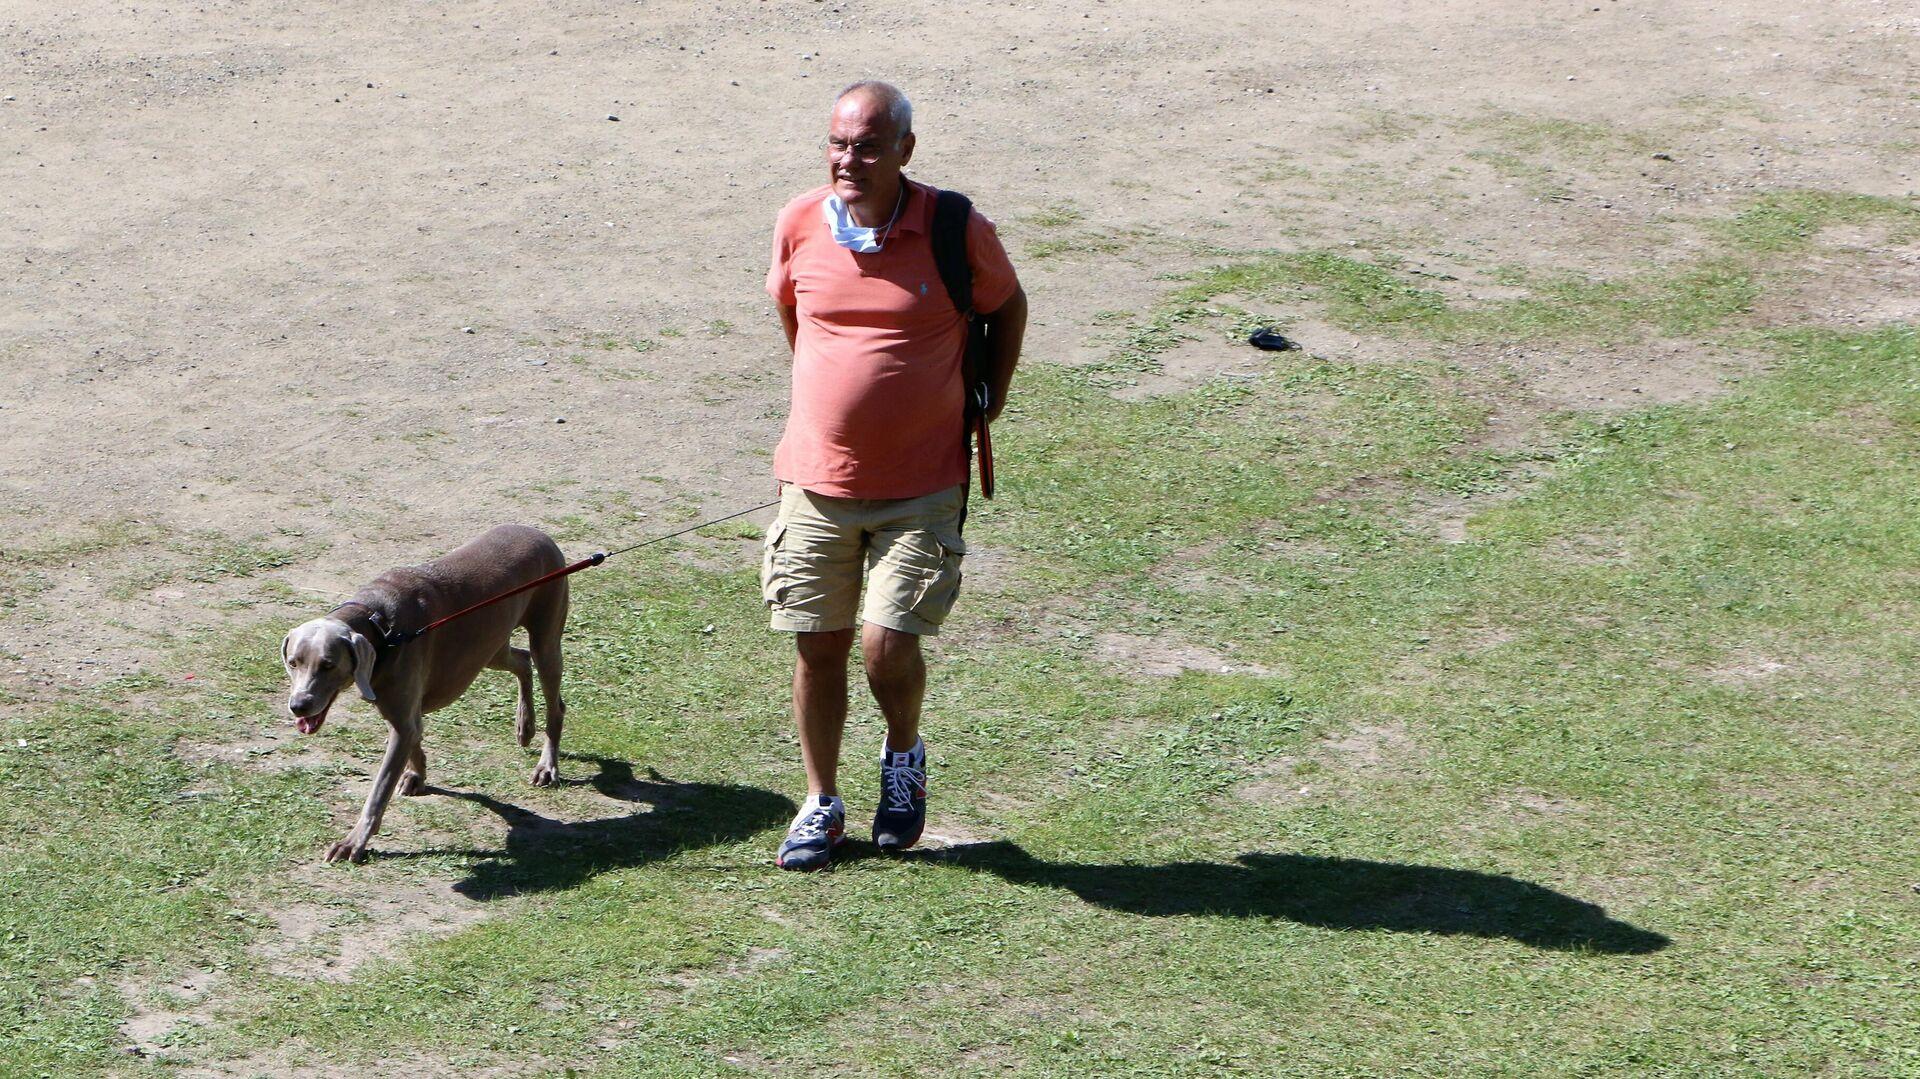 Un cane con un padrone fanno un giro in un parco in Italia - Sputnik Italia, 1920, 20.08.2021